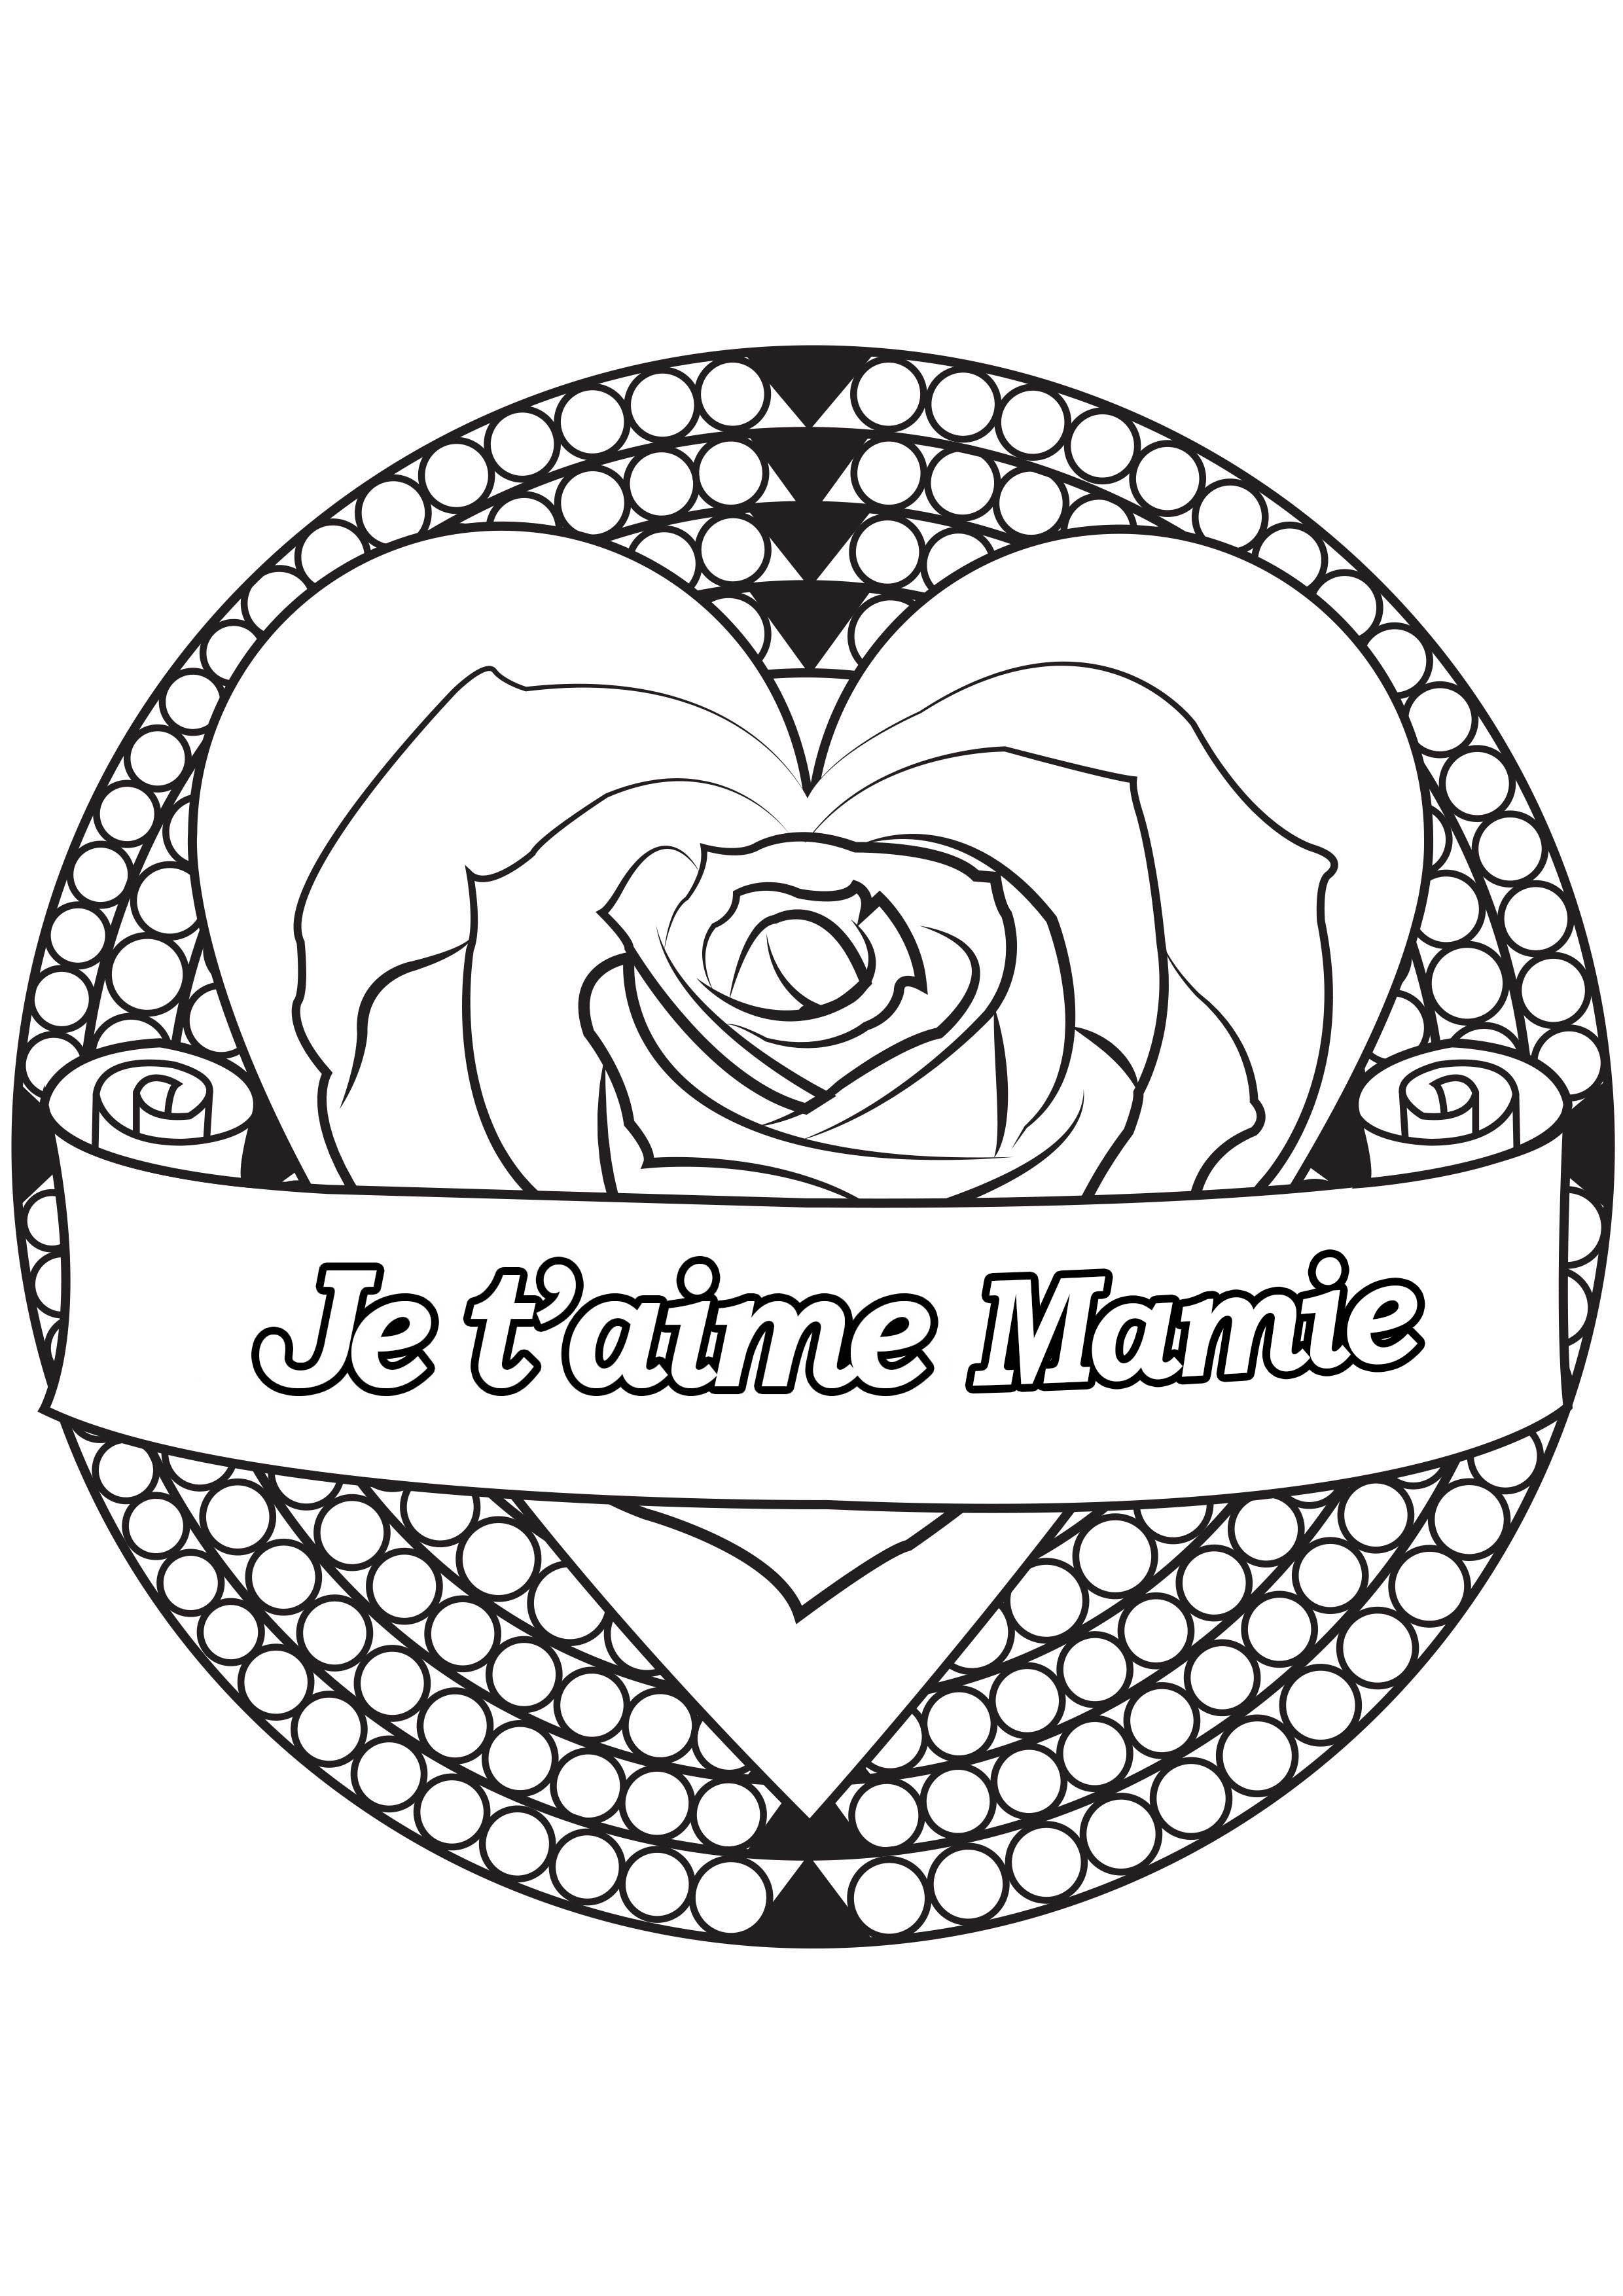 Coloriage spécial Fête des pères : Coeur & rose - Je t'aime Mamie